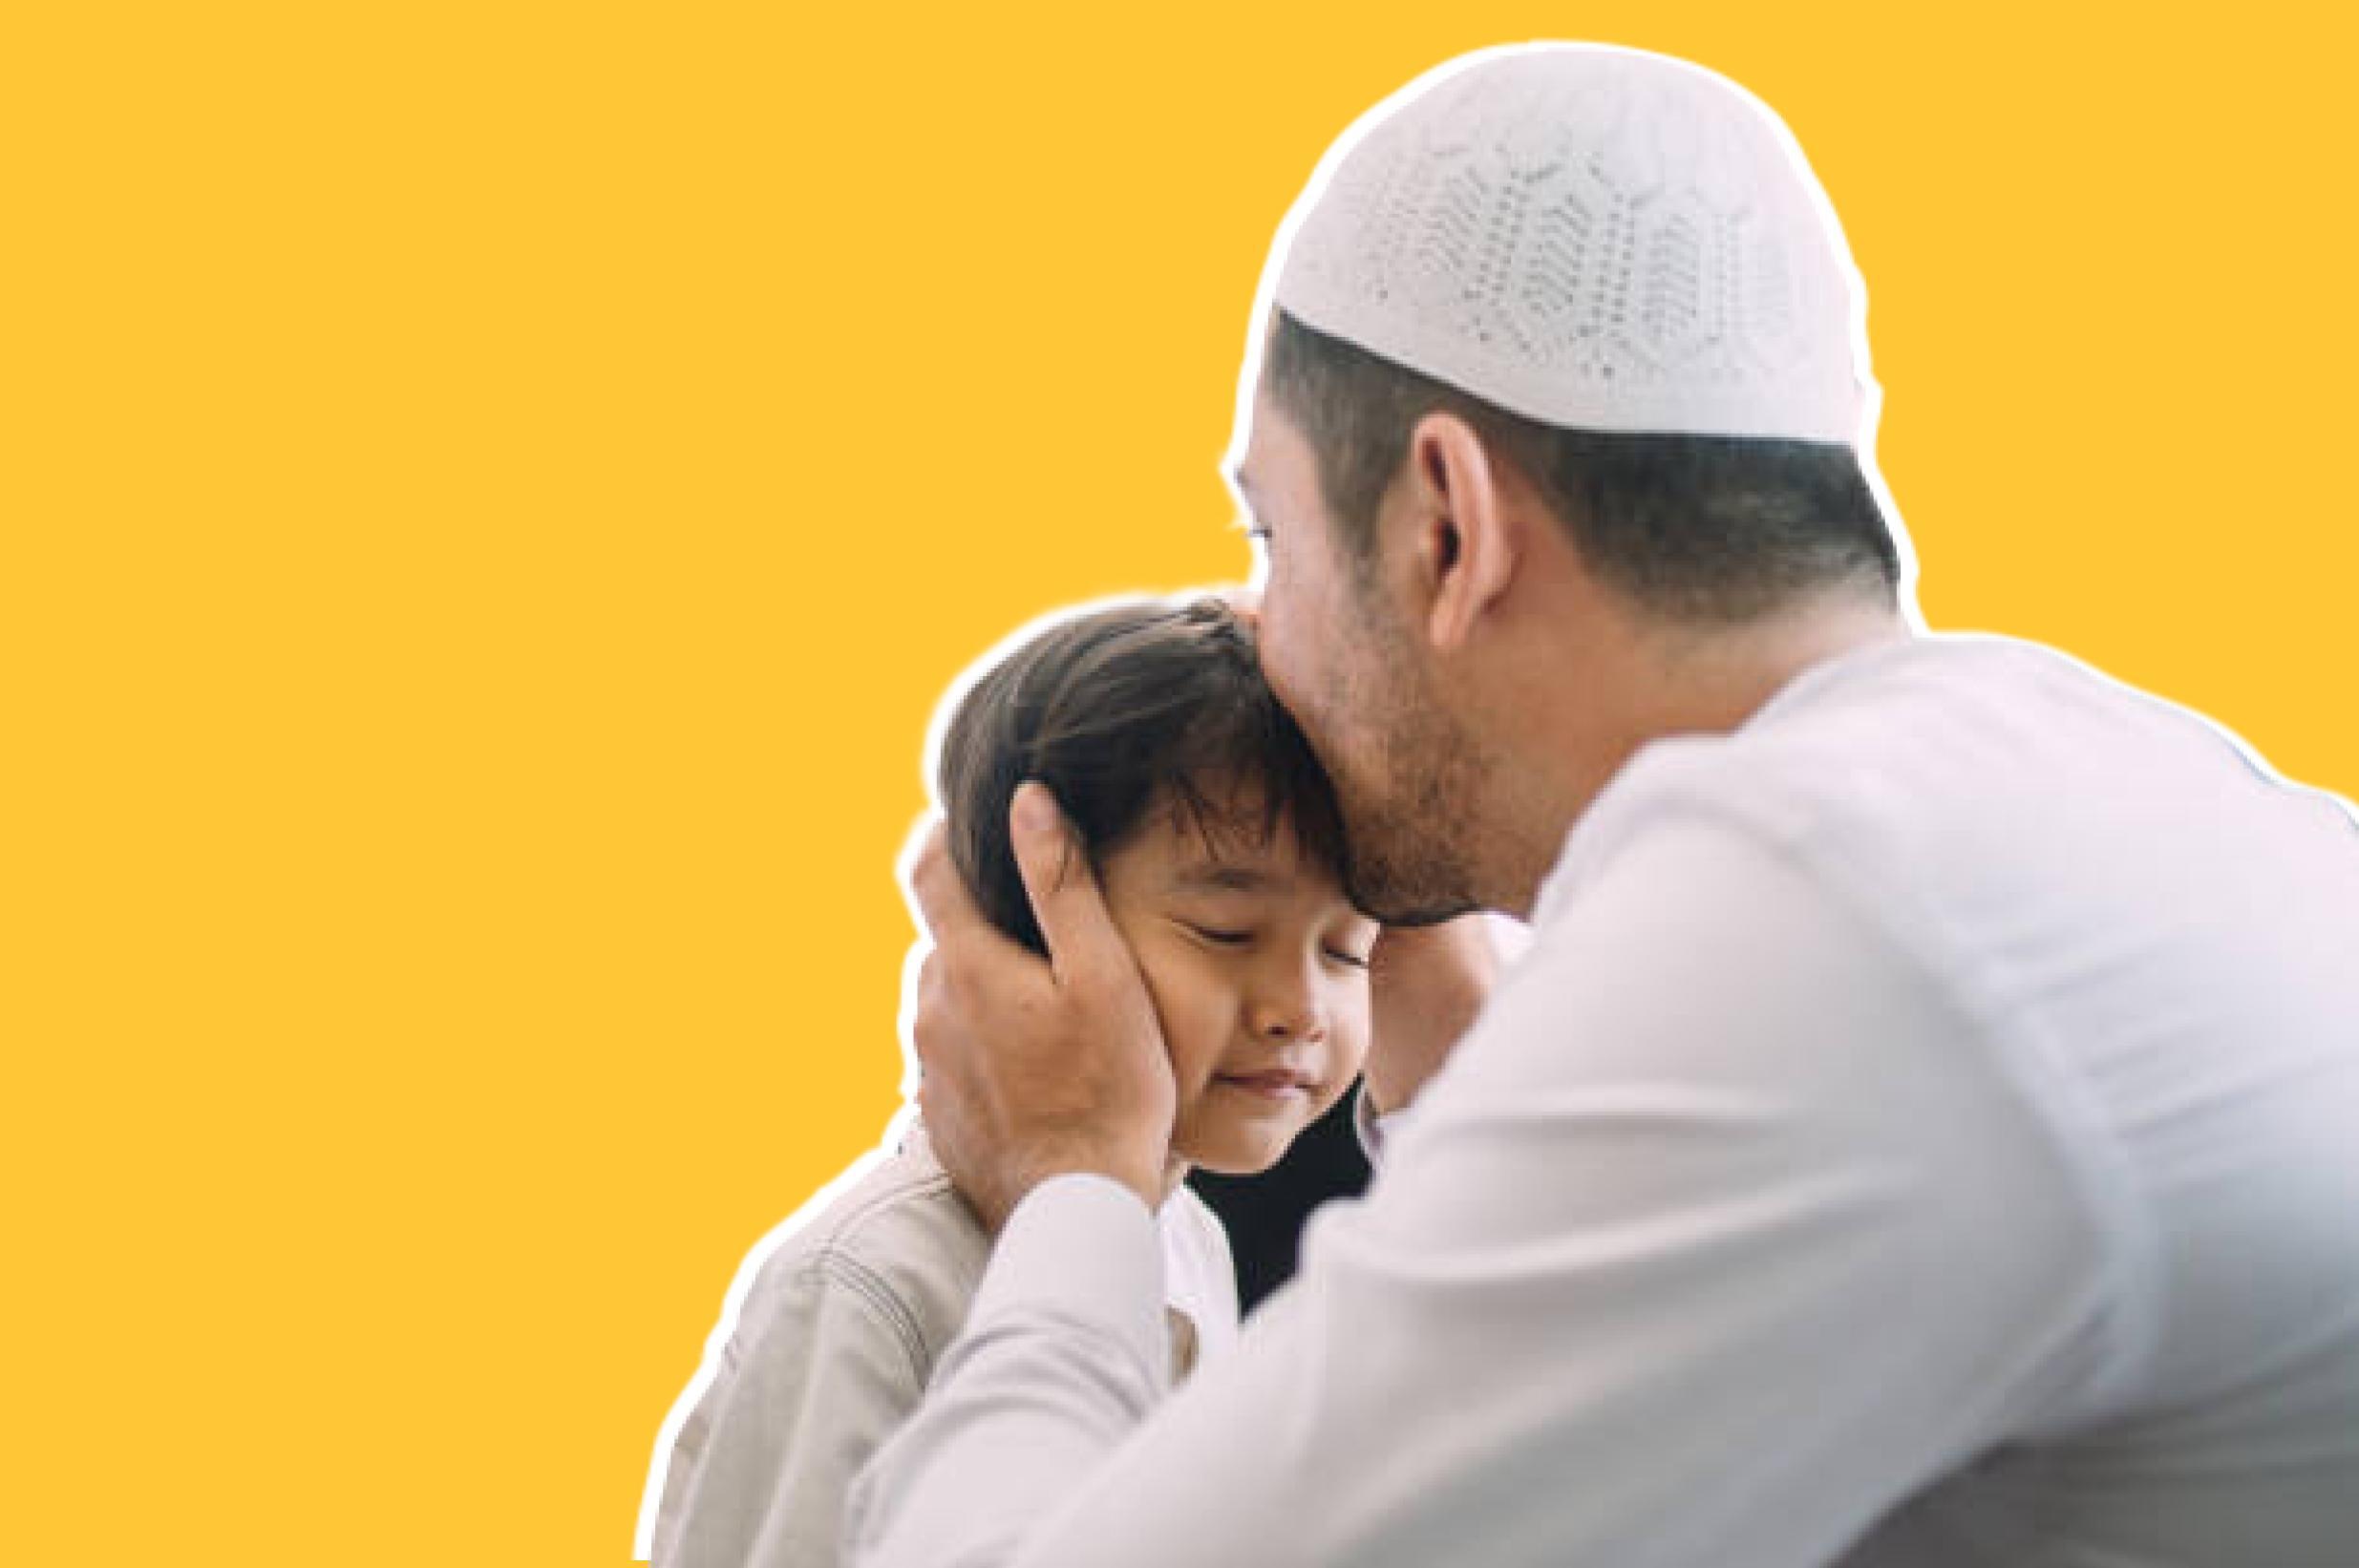 When is Eid al-Fitr